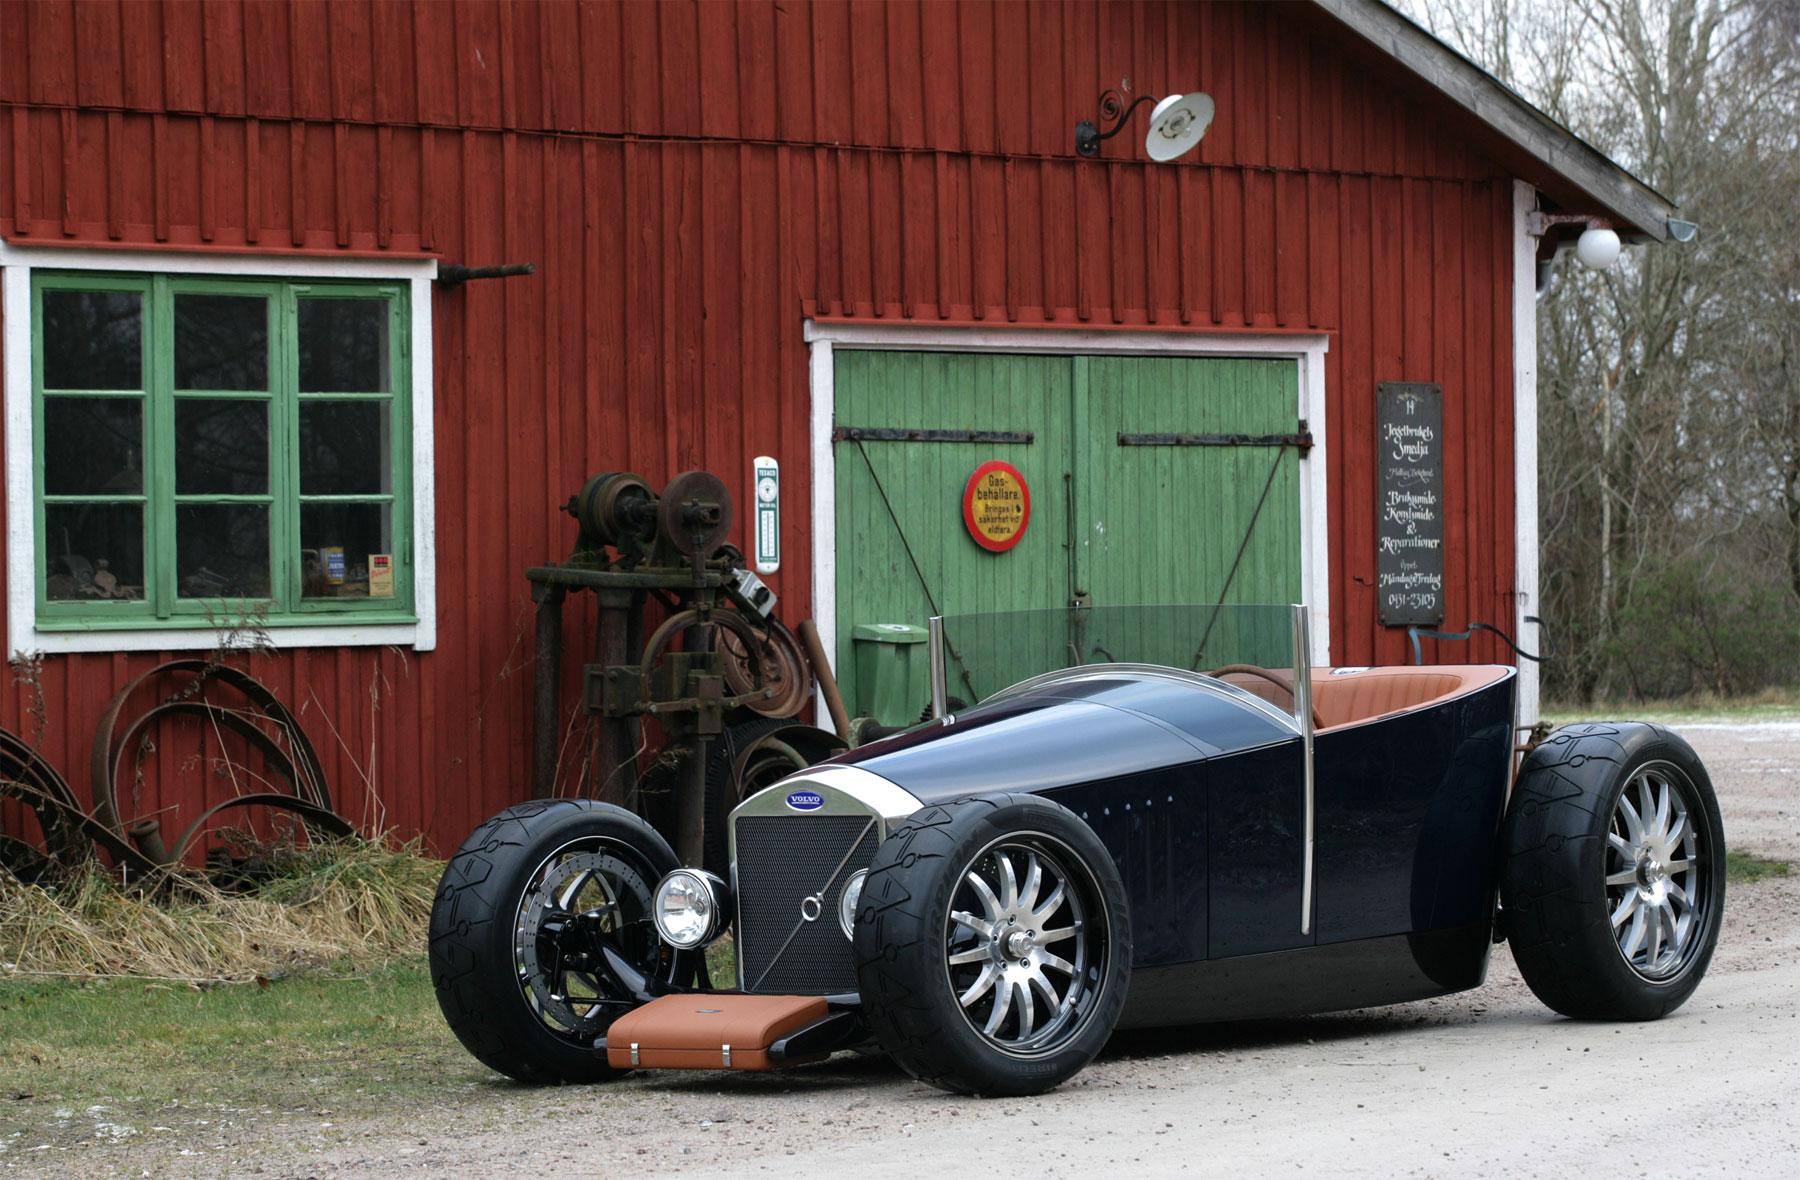 Volvo Hotrods Caresto V8 Speedster And Jakob Amcarguide